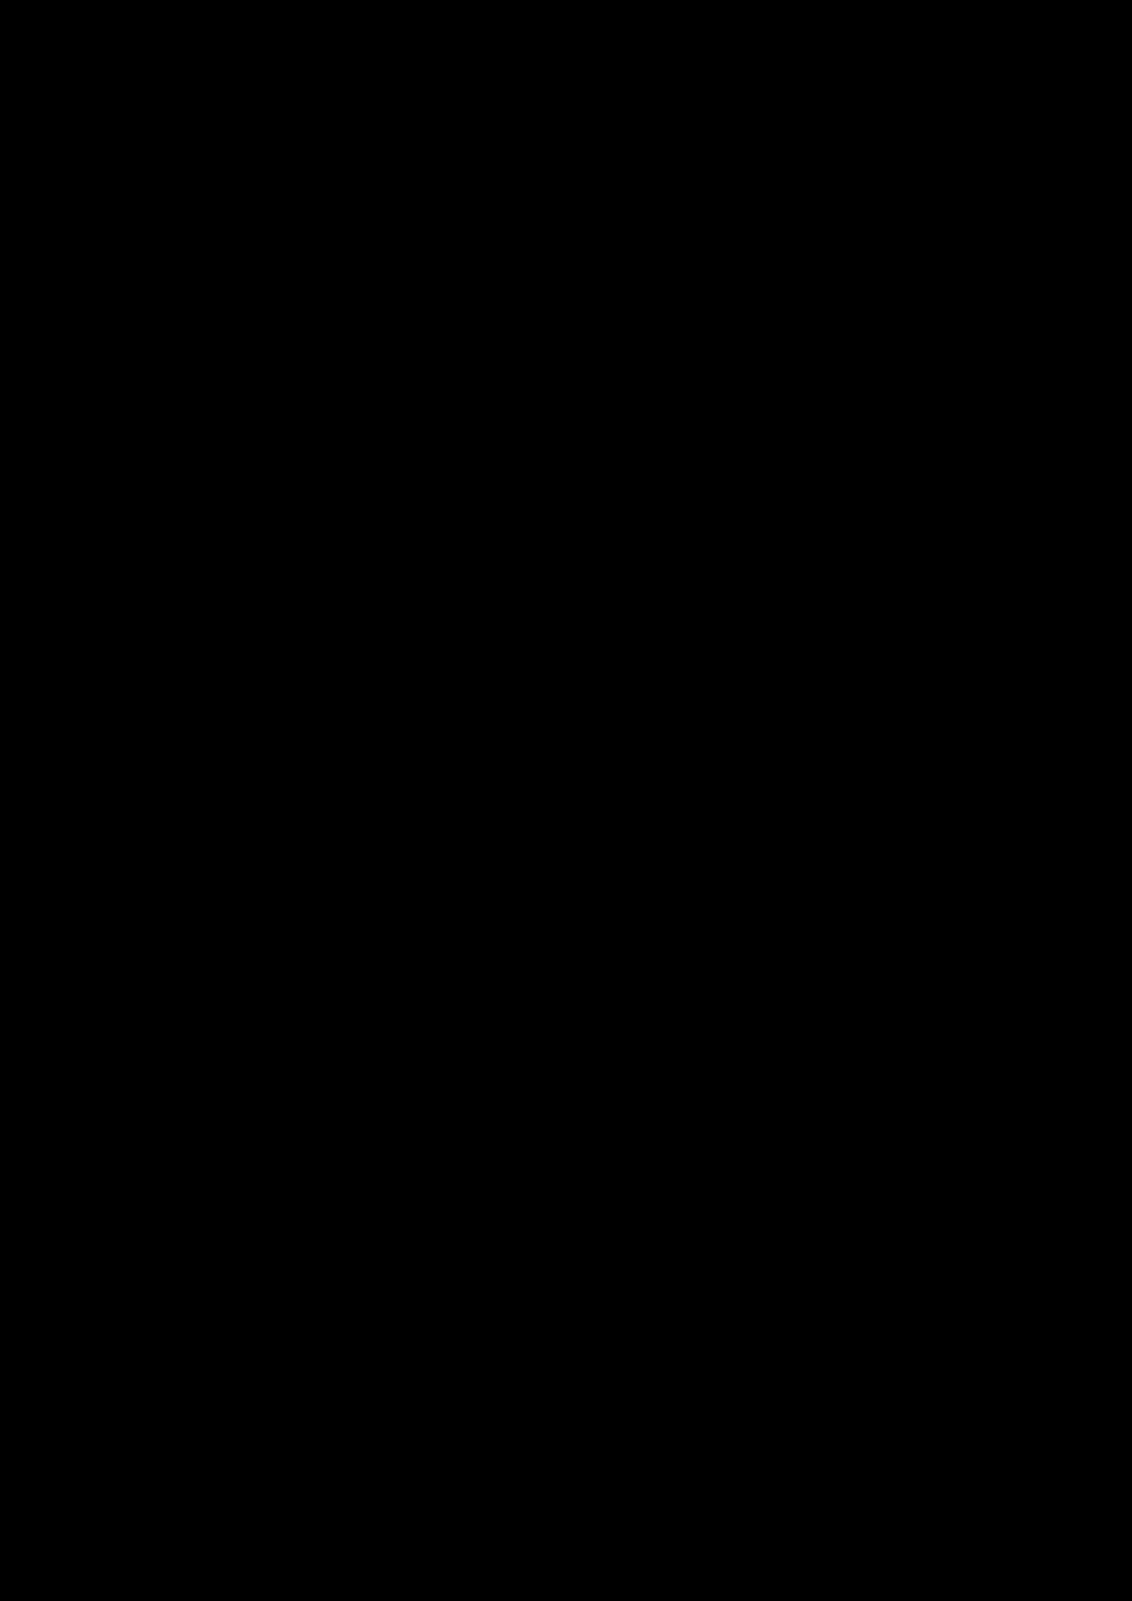 Serdtse slide, Image 25